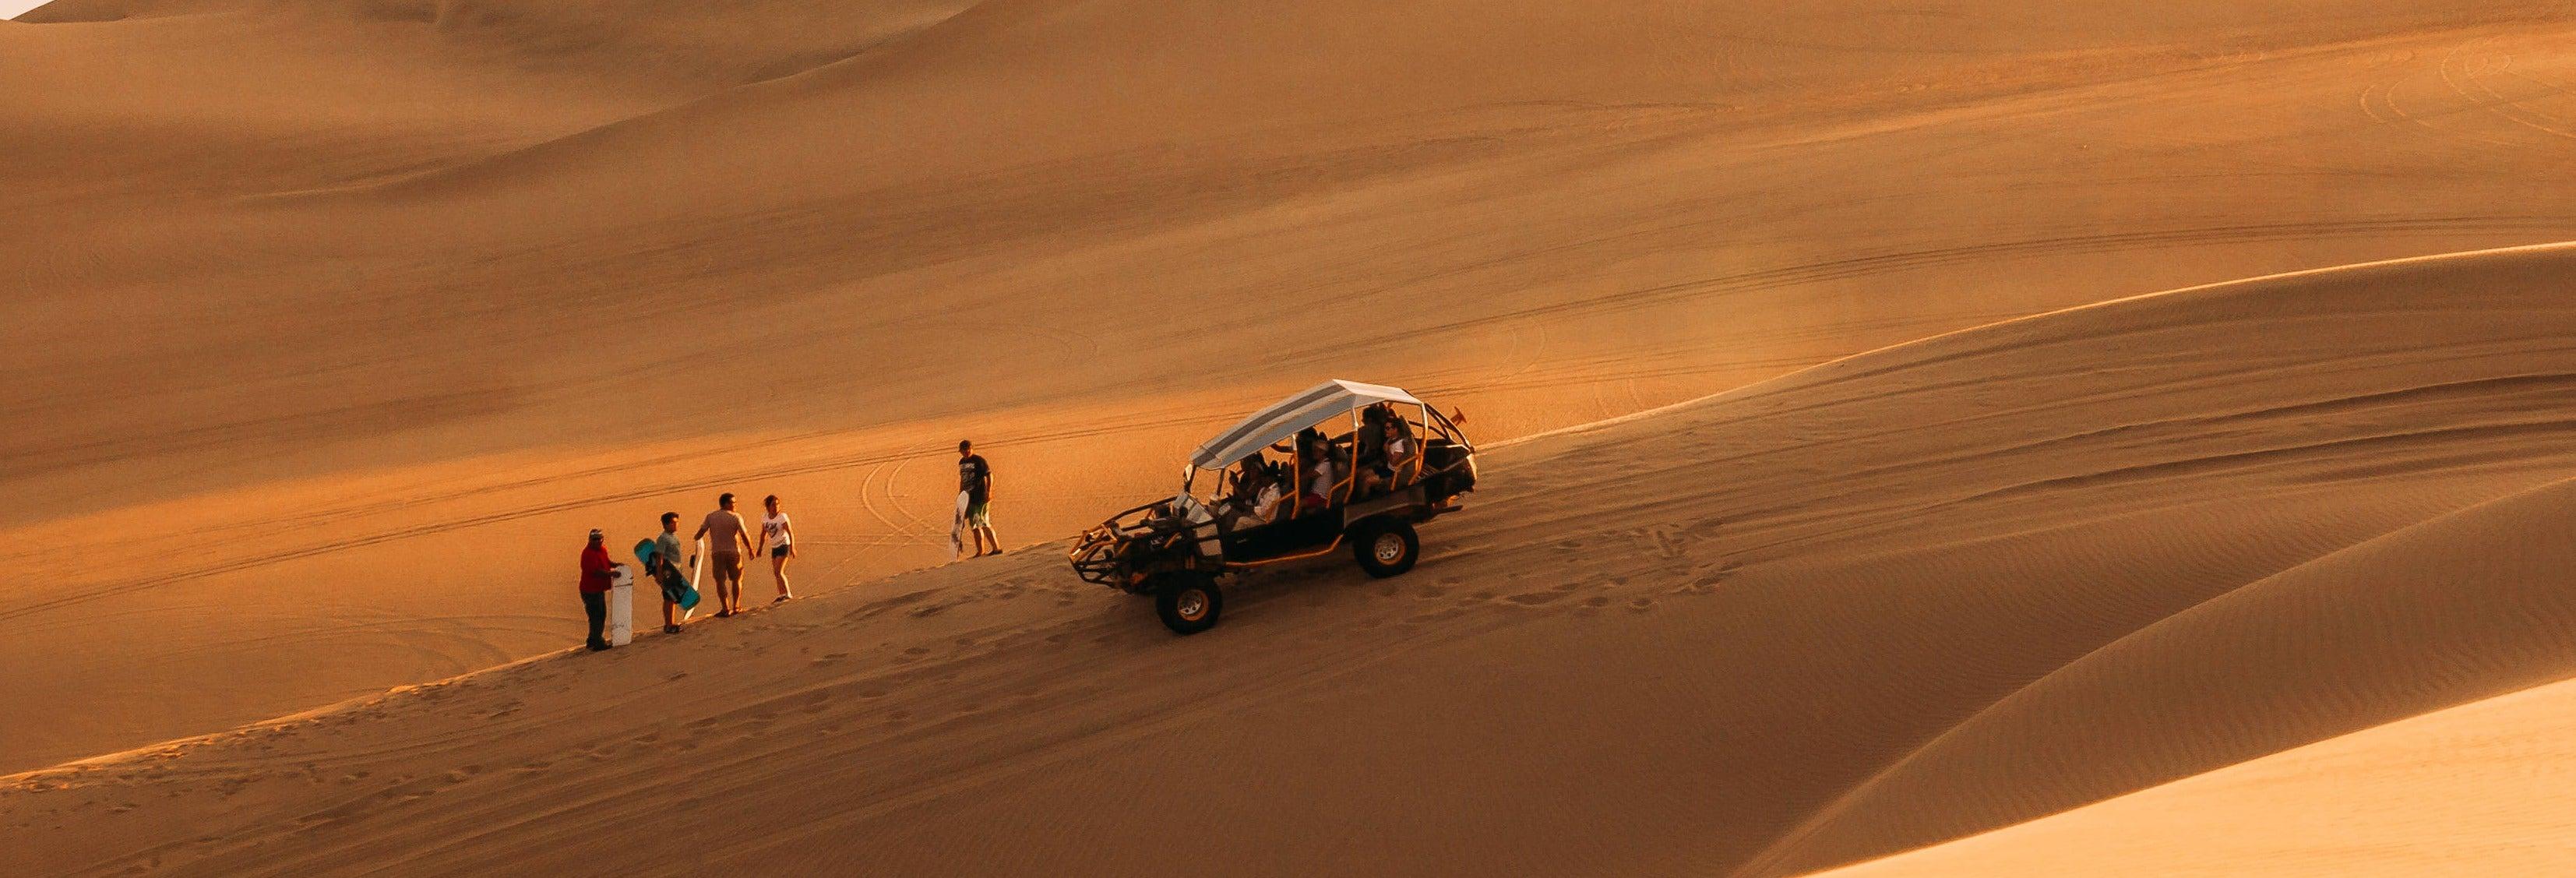 Tour de buggy pelo norte do deserto de Califórnia